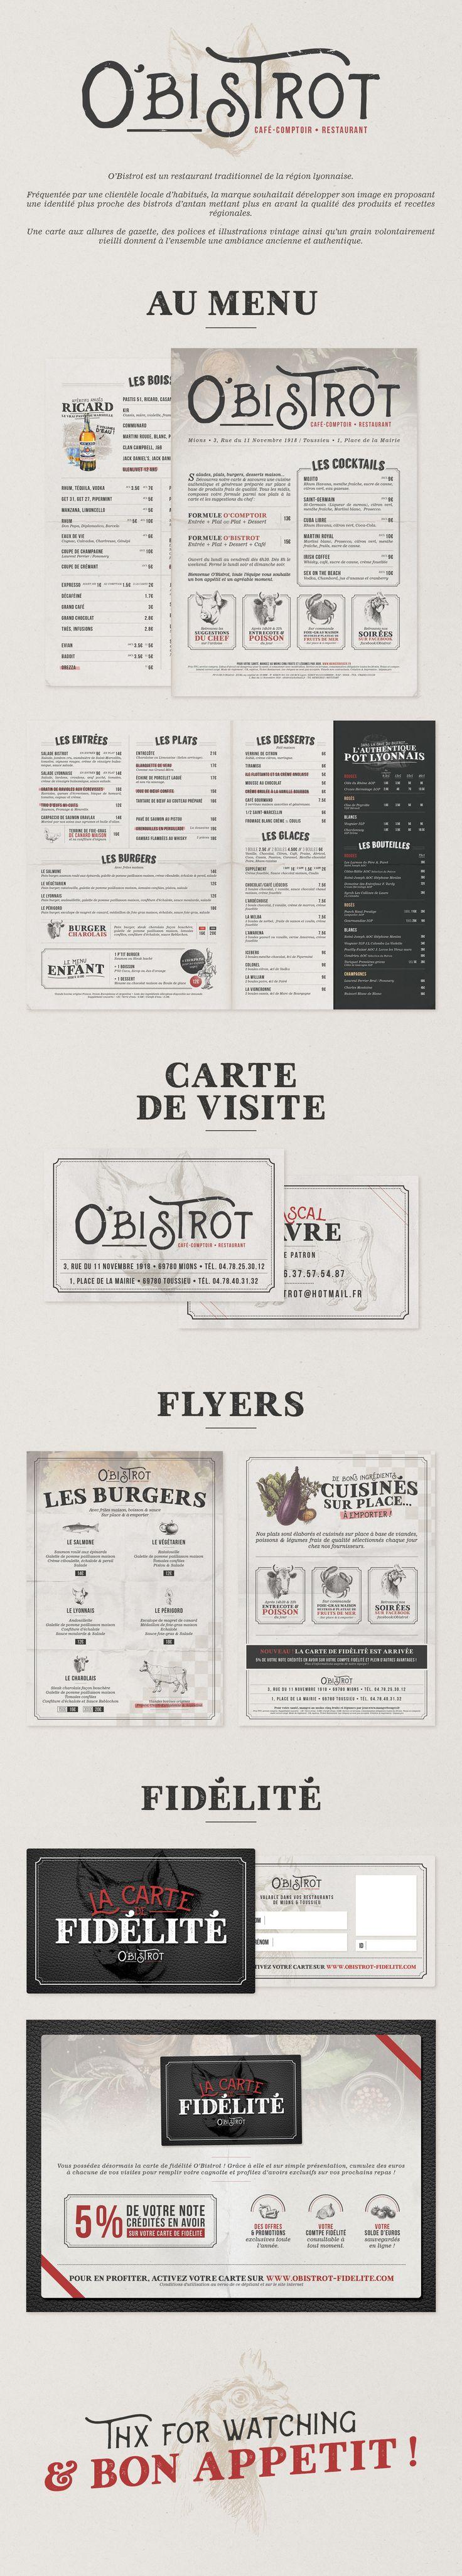 O'Bistrot - Identité visuelle d'un restaurant par IziPass #menu #restaurant